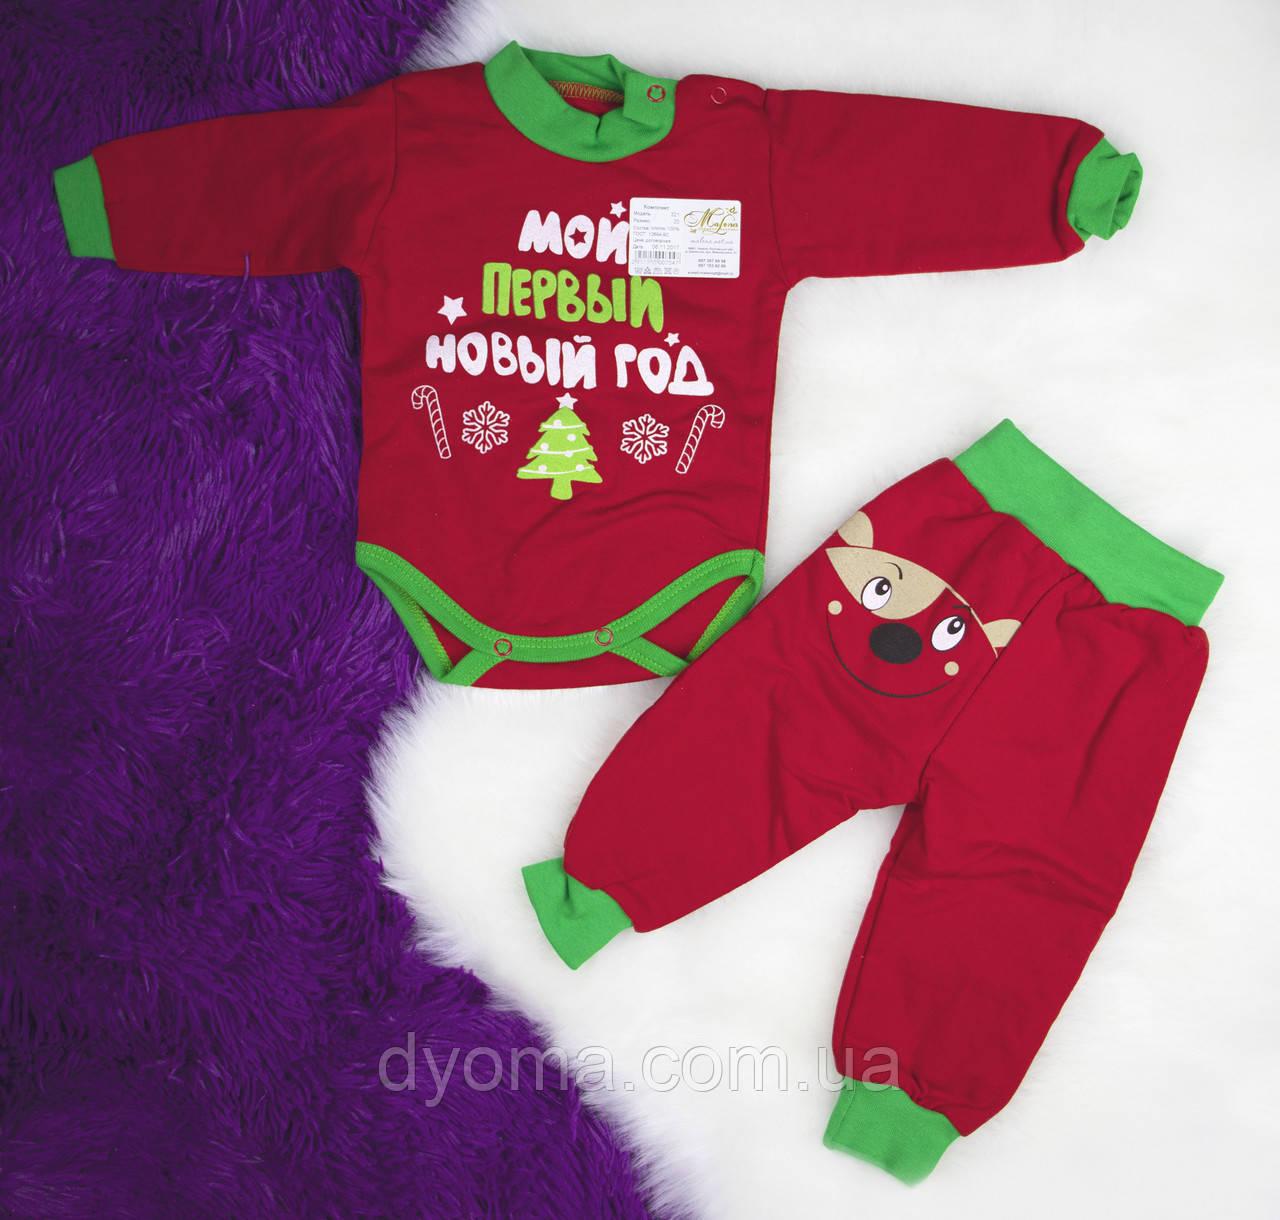 """Детский новогодний комплект """"Мой первый Новый год"""" для новорожденных малышей"""